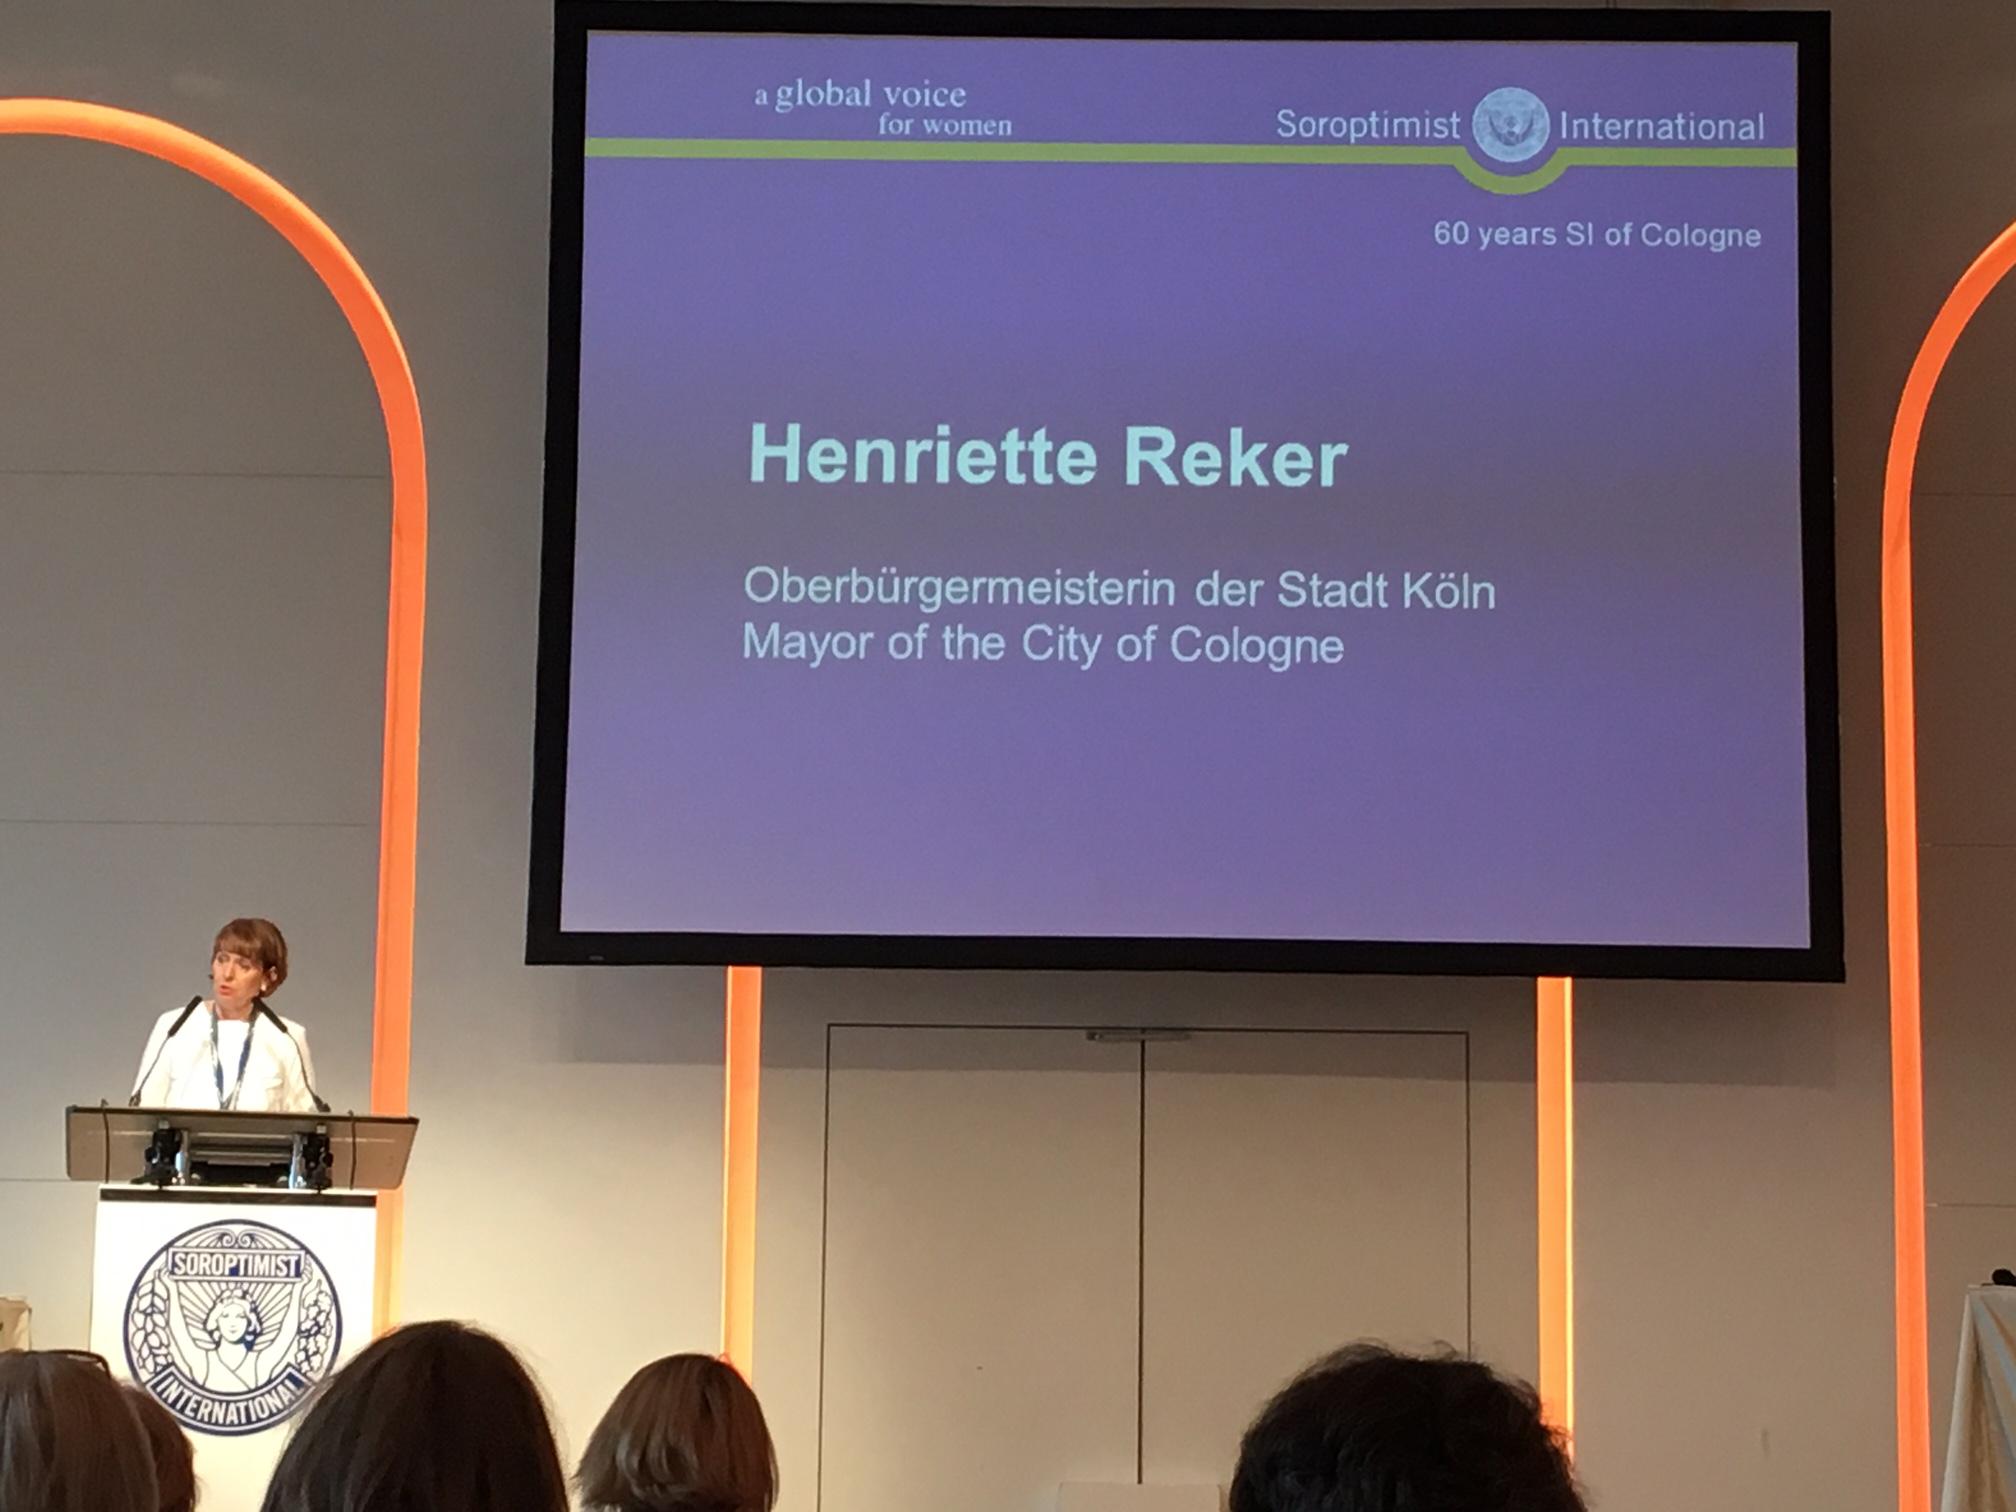 Prominente VertrAls langjährige Soroptimistin übernahm Kölns Oberbürgermeisterin Henriette Reker die Schirmherrschaft und hielt die Laudatioeterinnen auf dem Jubiläum